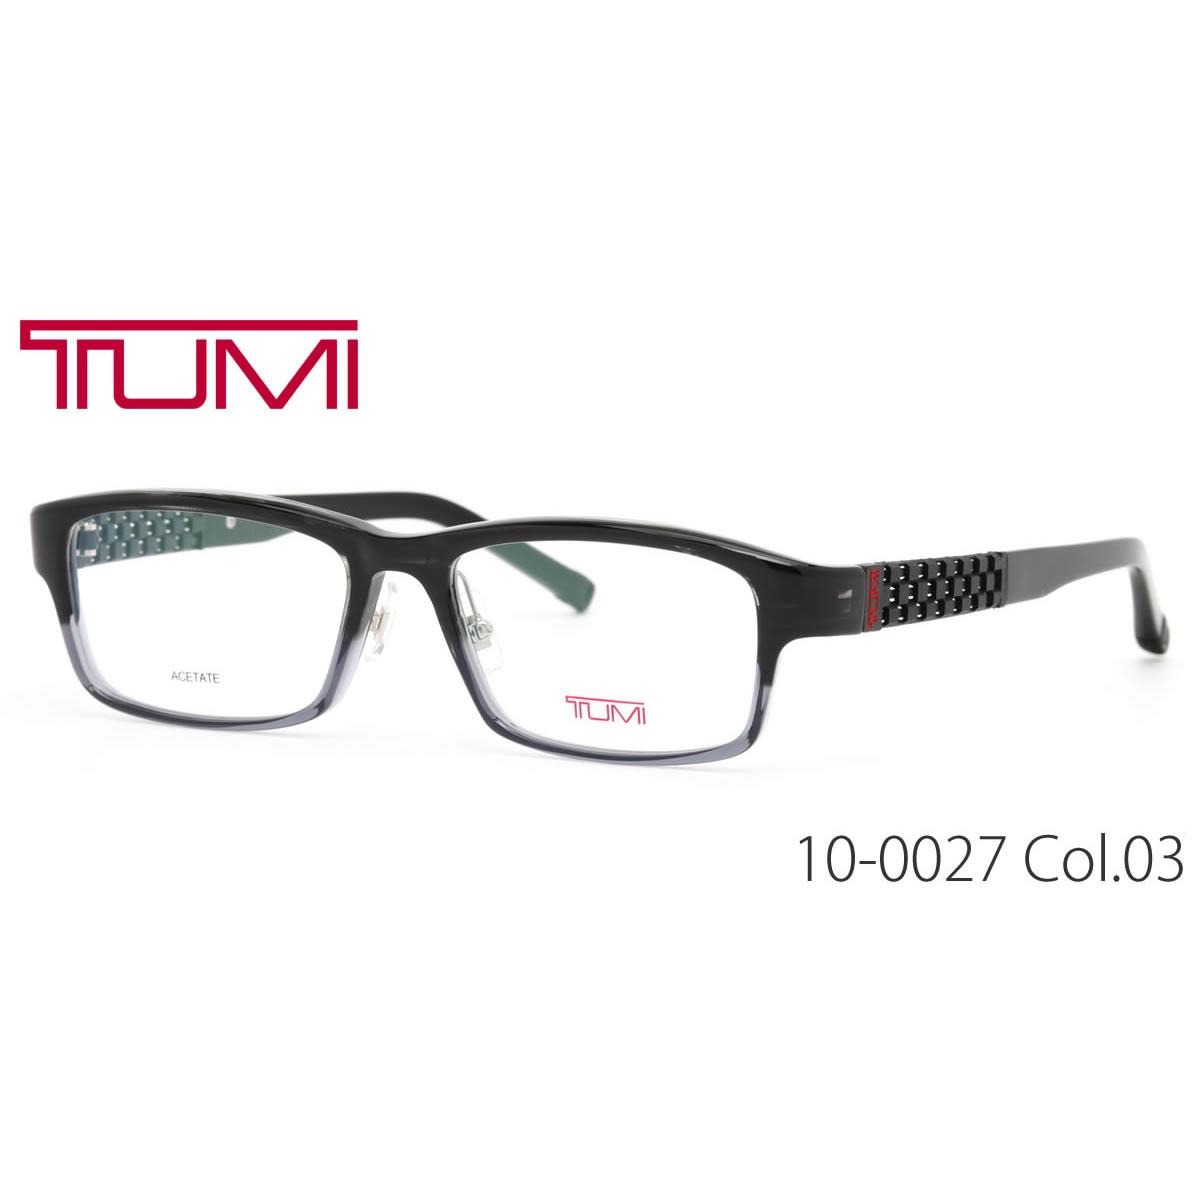 トゥミ メガネ 10-0027 03 53サイズ TUMI ビジネスバッグで人気のブランド メンズ